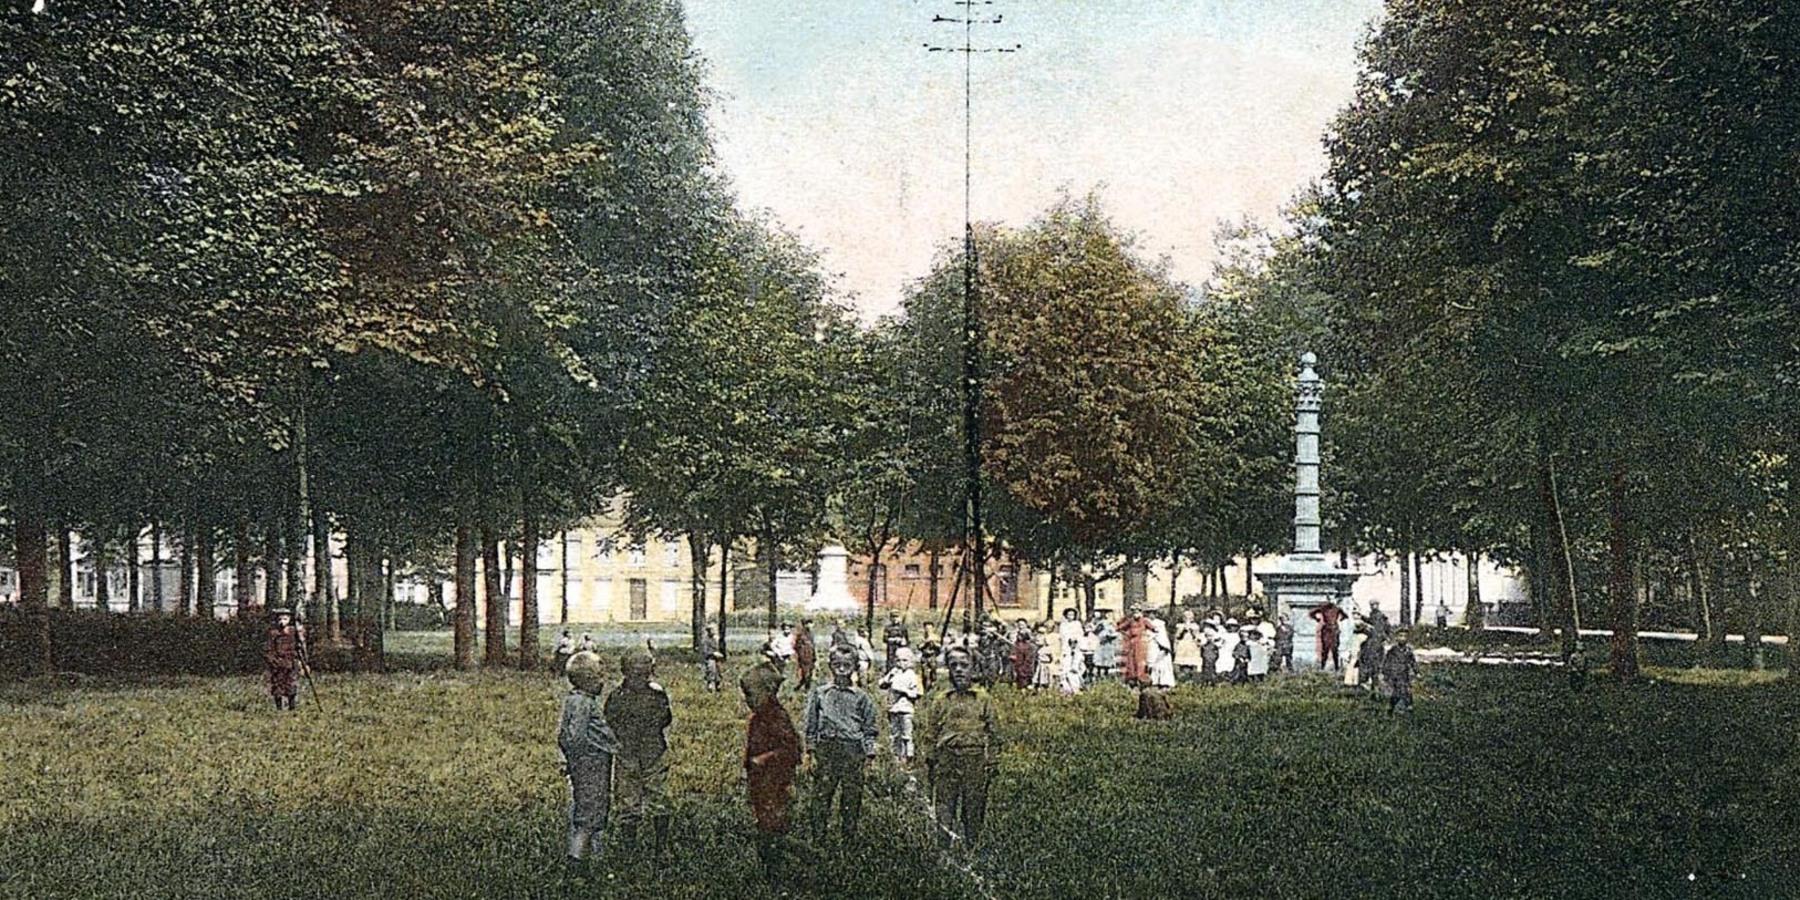 Jong en oud ontspande zich op de Bist. Kinderen speelden spelletjes en de mannen deden aan boogschieten op de staande wip. Ook de pomp is te zien op deze ingekleurde foto.